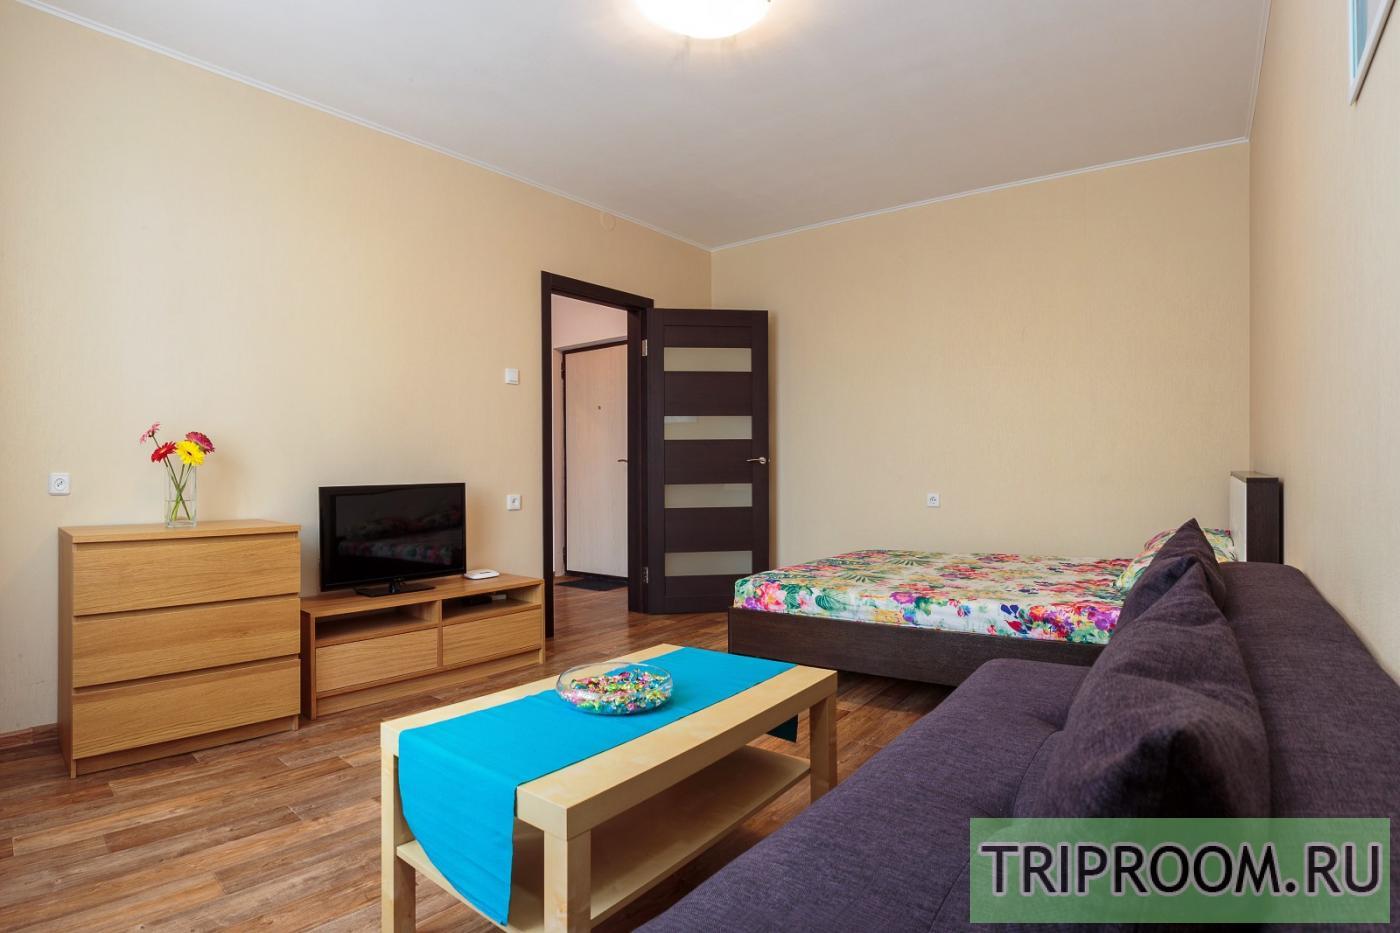 1-комнатная квартира посуточно (вариант № 16235), ул. Анатолия Мехренцева улица, фото № 4